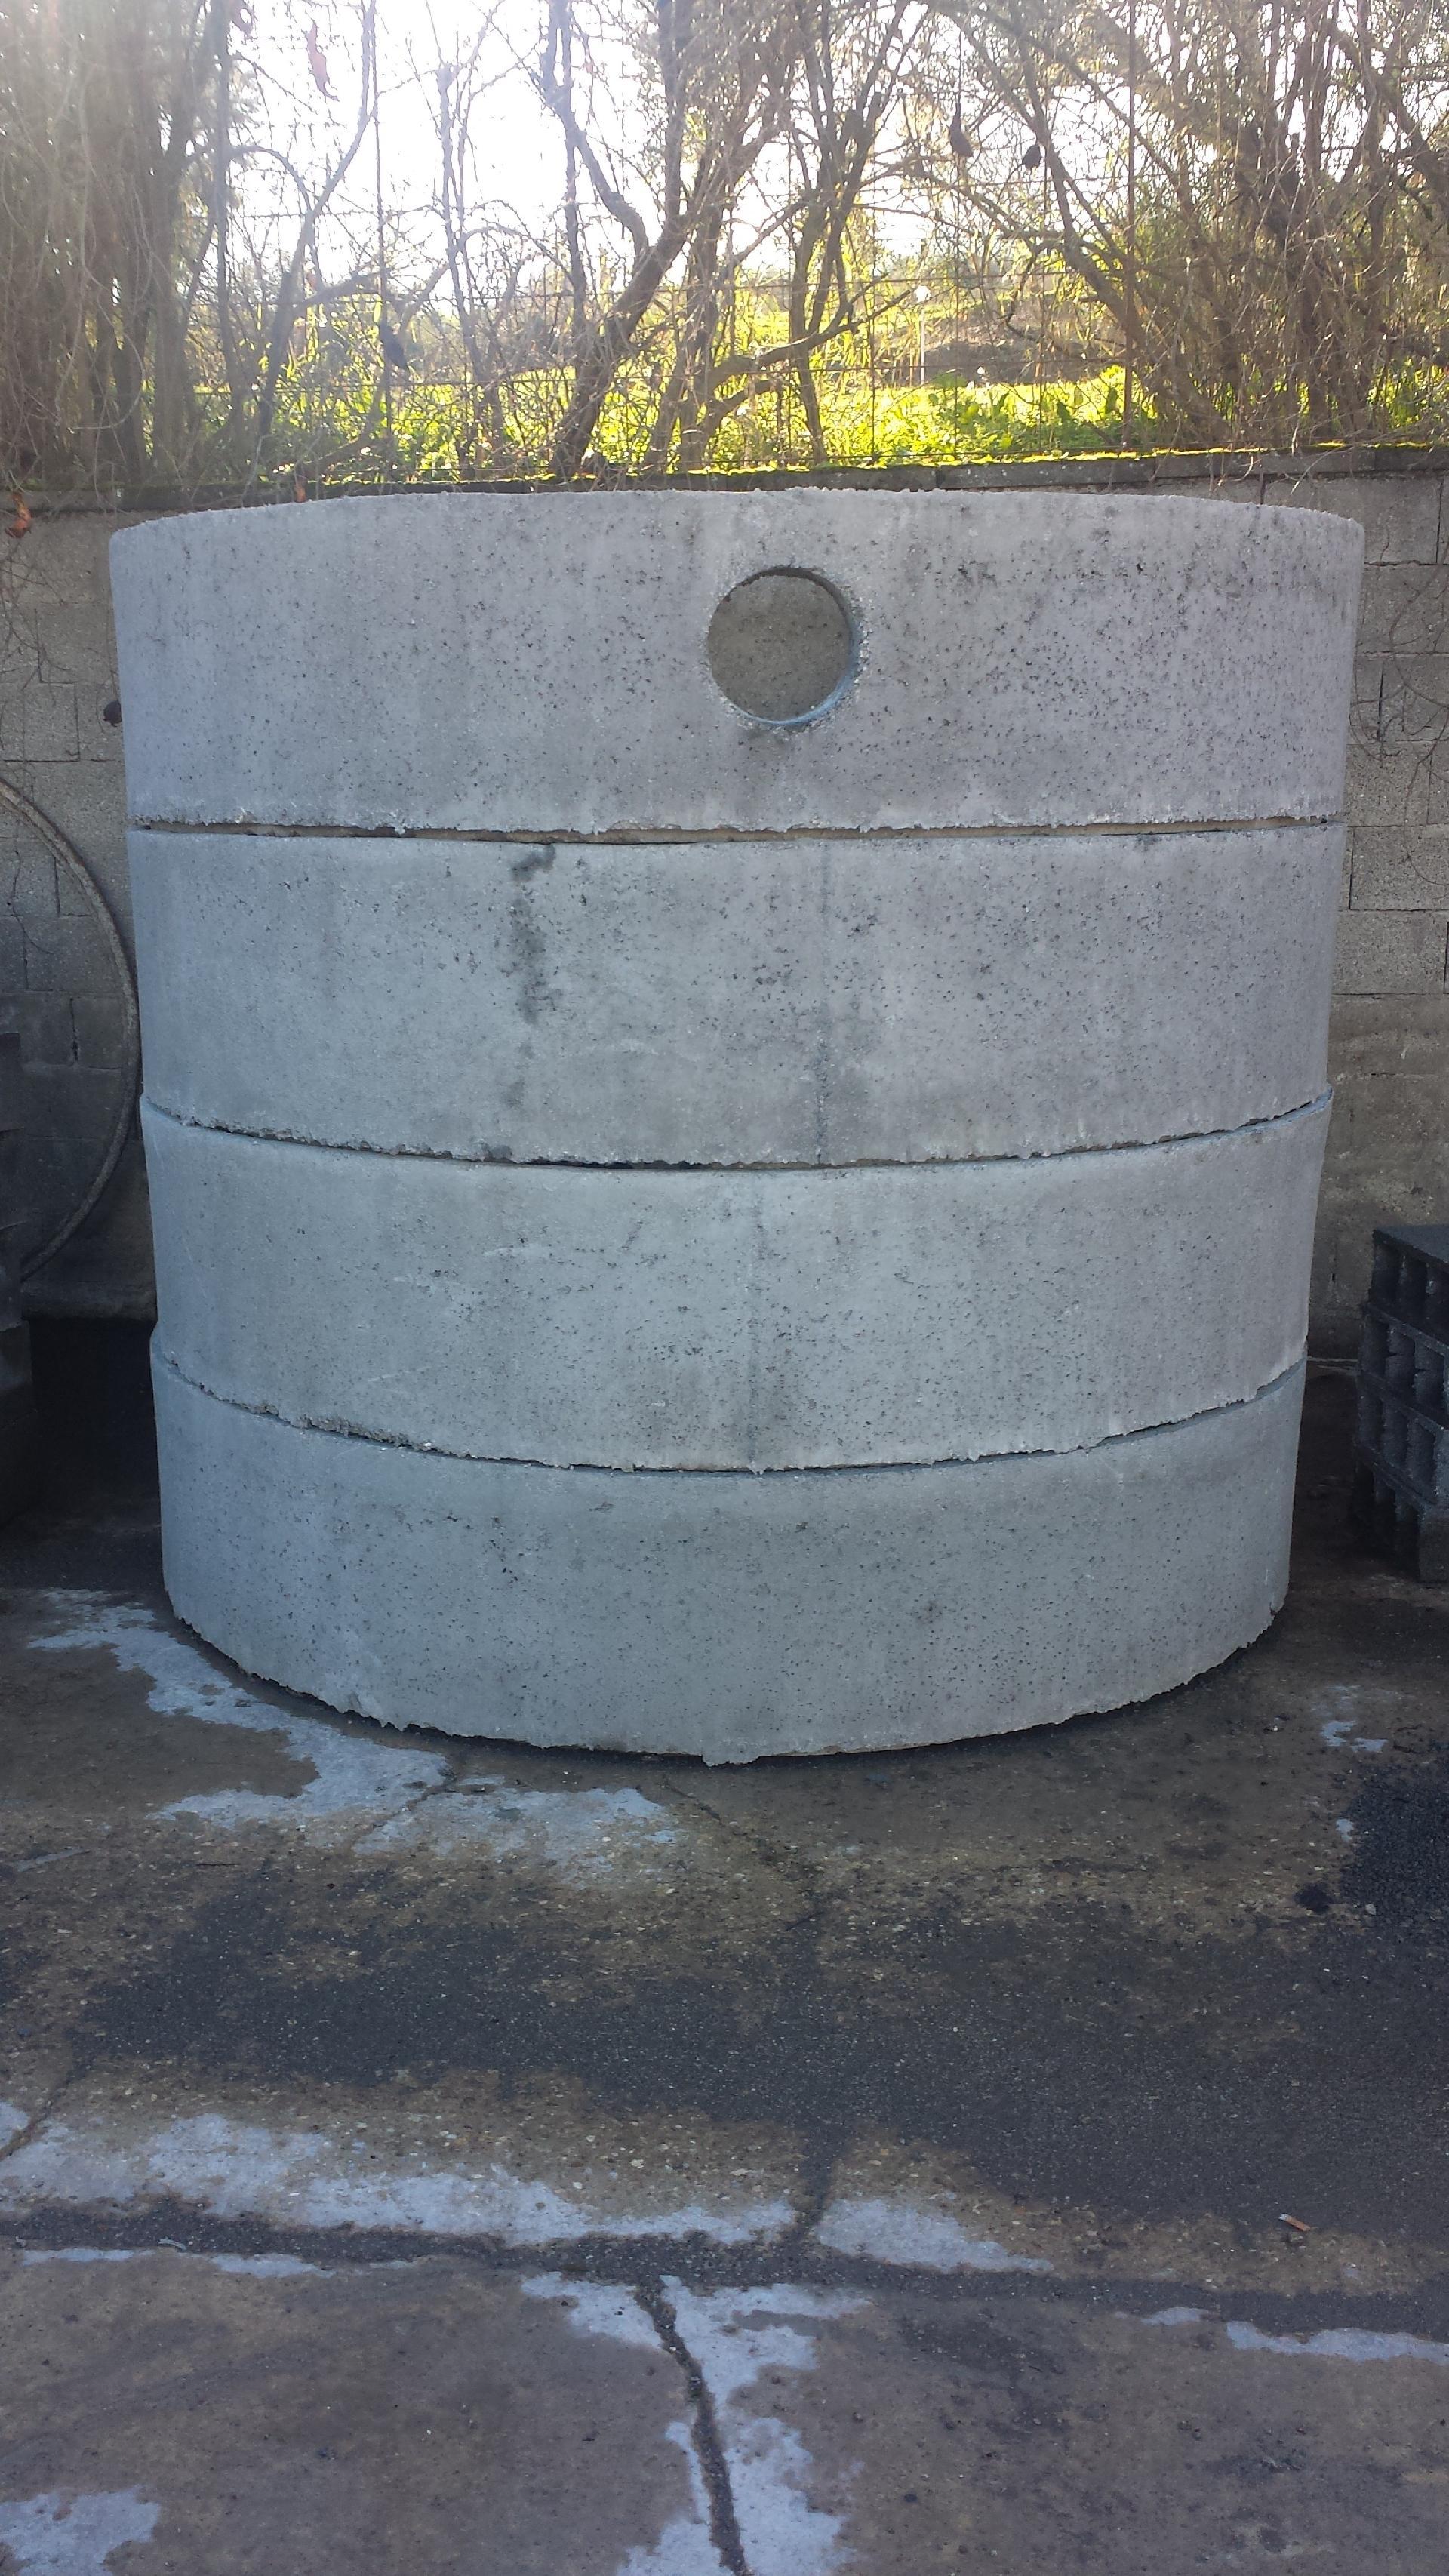 Anelli In Cemento Per Pozzi E Fosse Imhoff Manufatti In Cemento